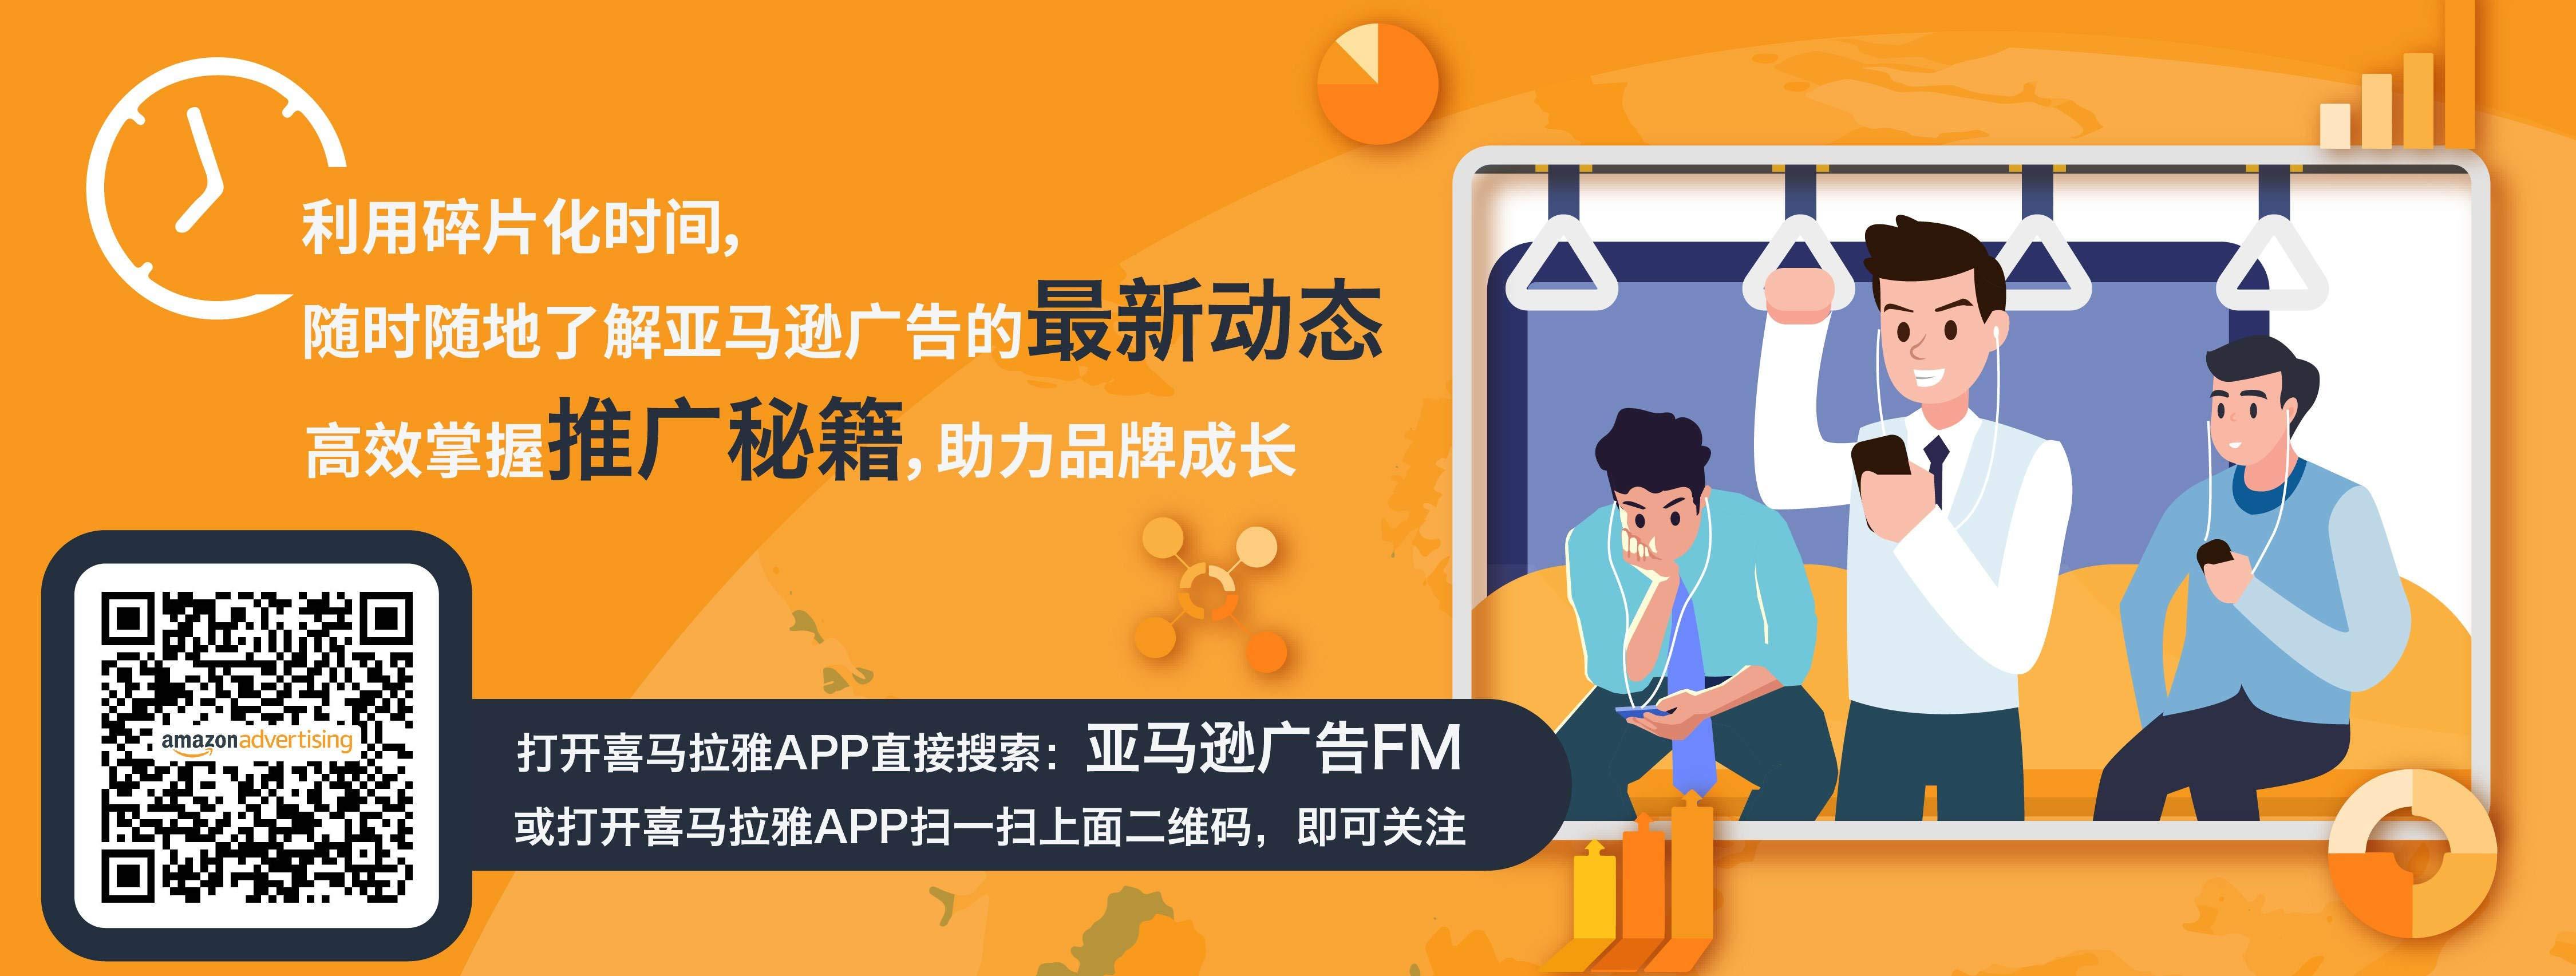 关注亚马逊广告FM 喜马拉雅官方电台